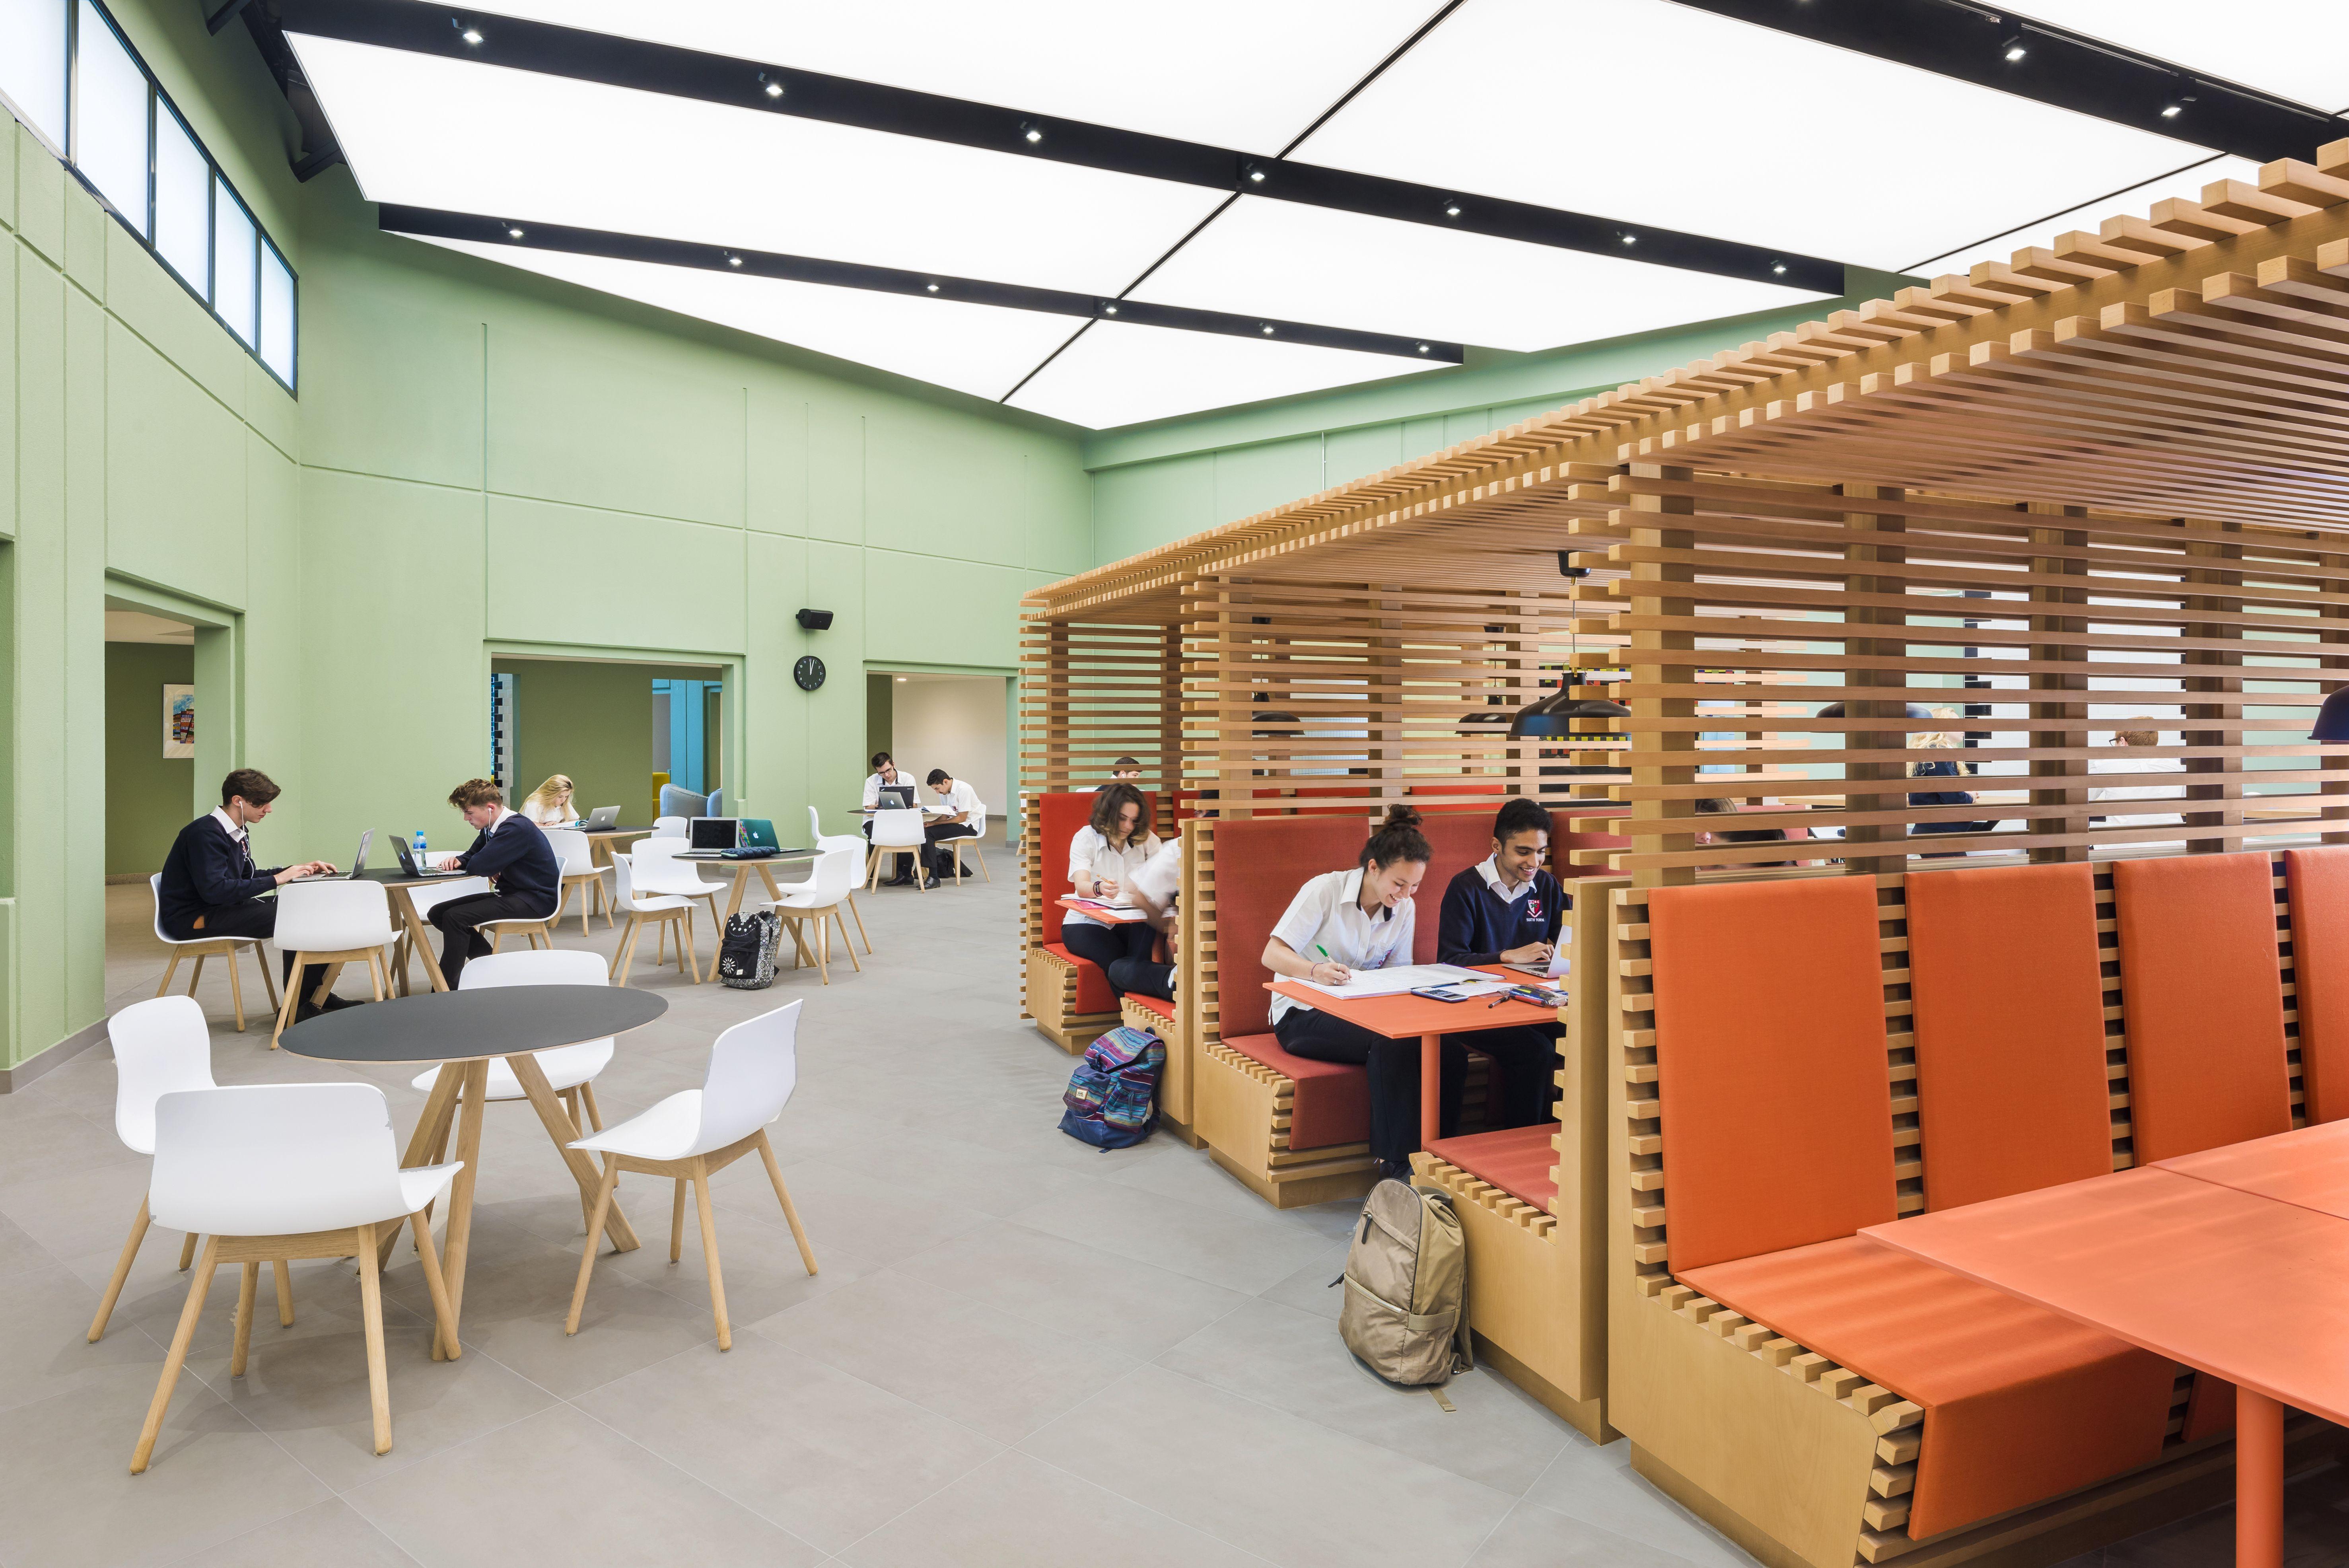 interior design training in dubai philippine consulate